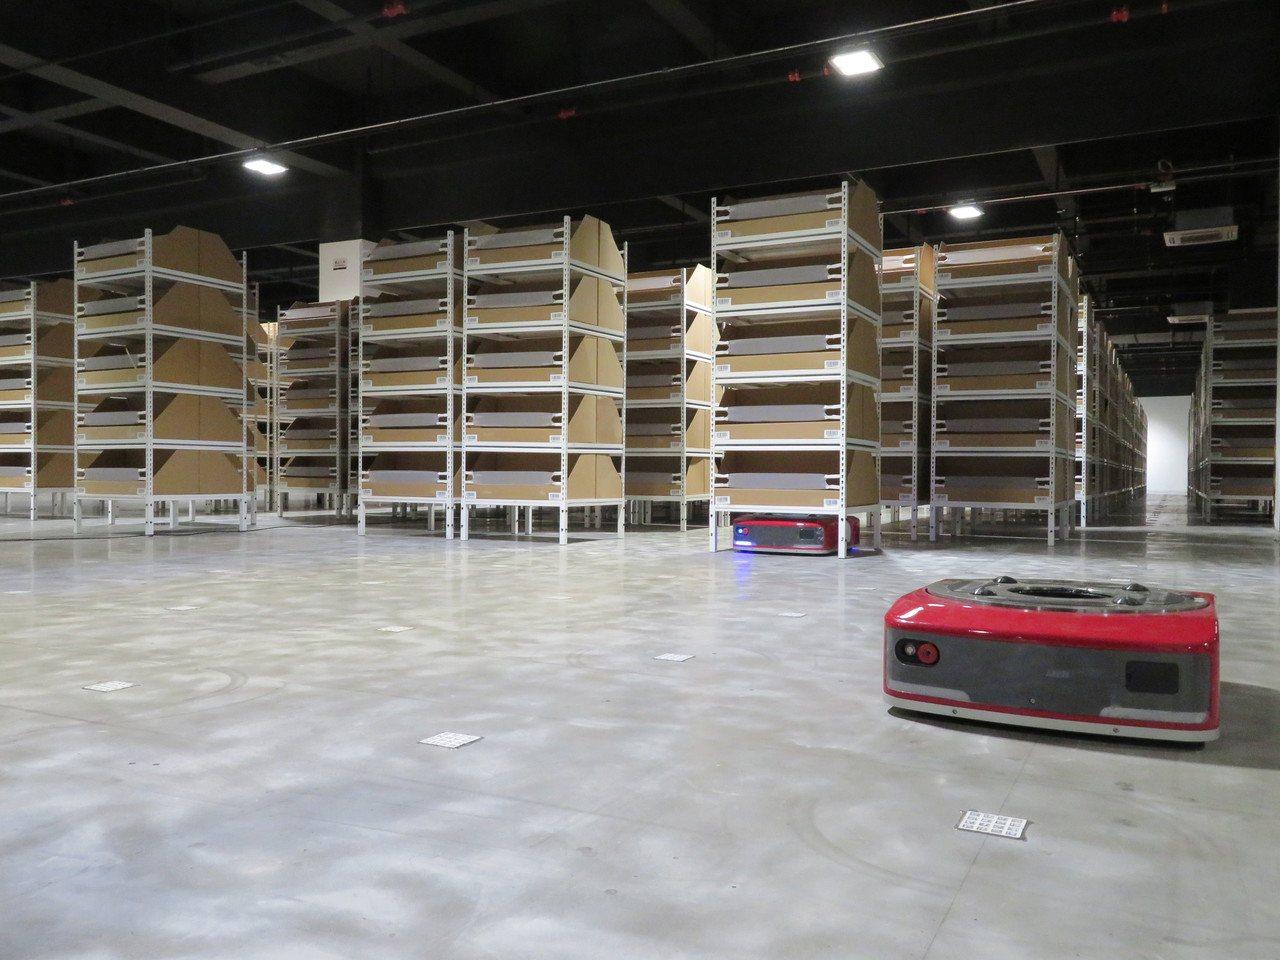 京東的奢侈品倉庫由機器人負責搬運,人工進行分揀包裝。當用戶下單後,被稱為「地狼」...